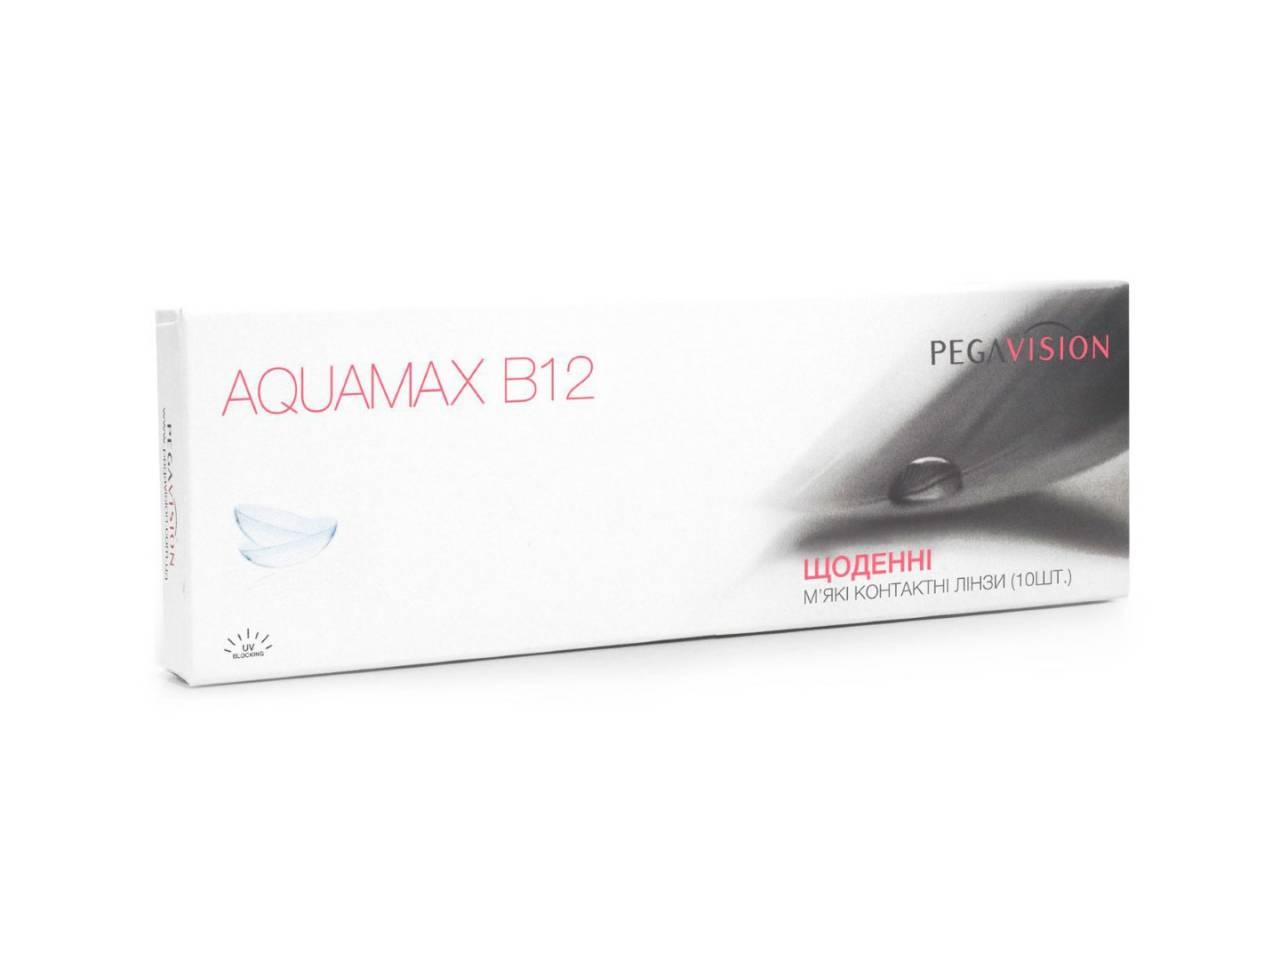 Однодневные контактные линзы Pegavision Aquamax-B12